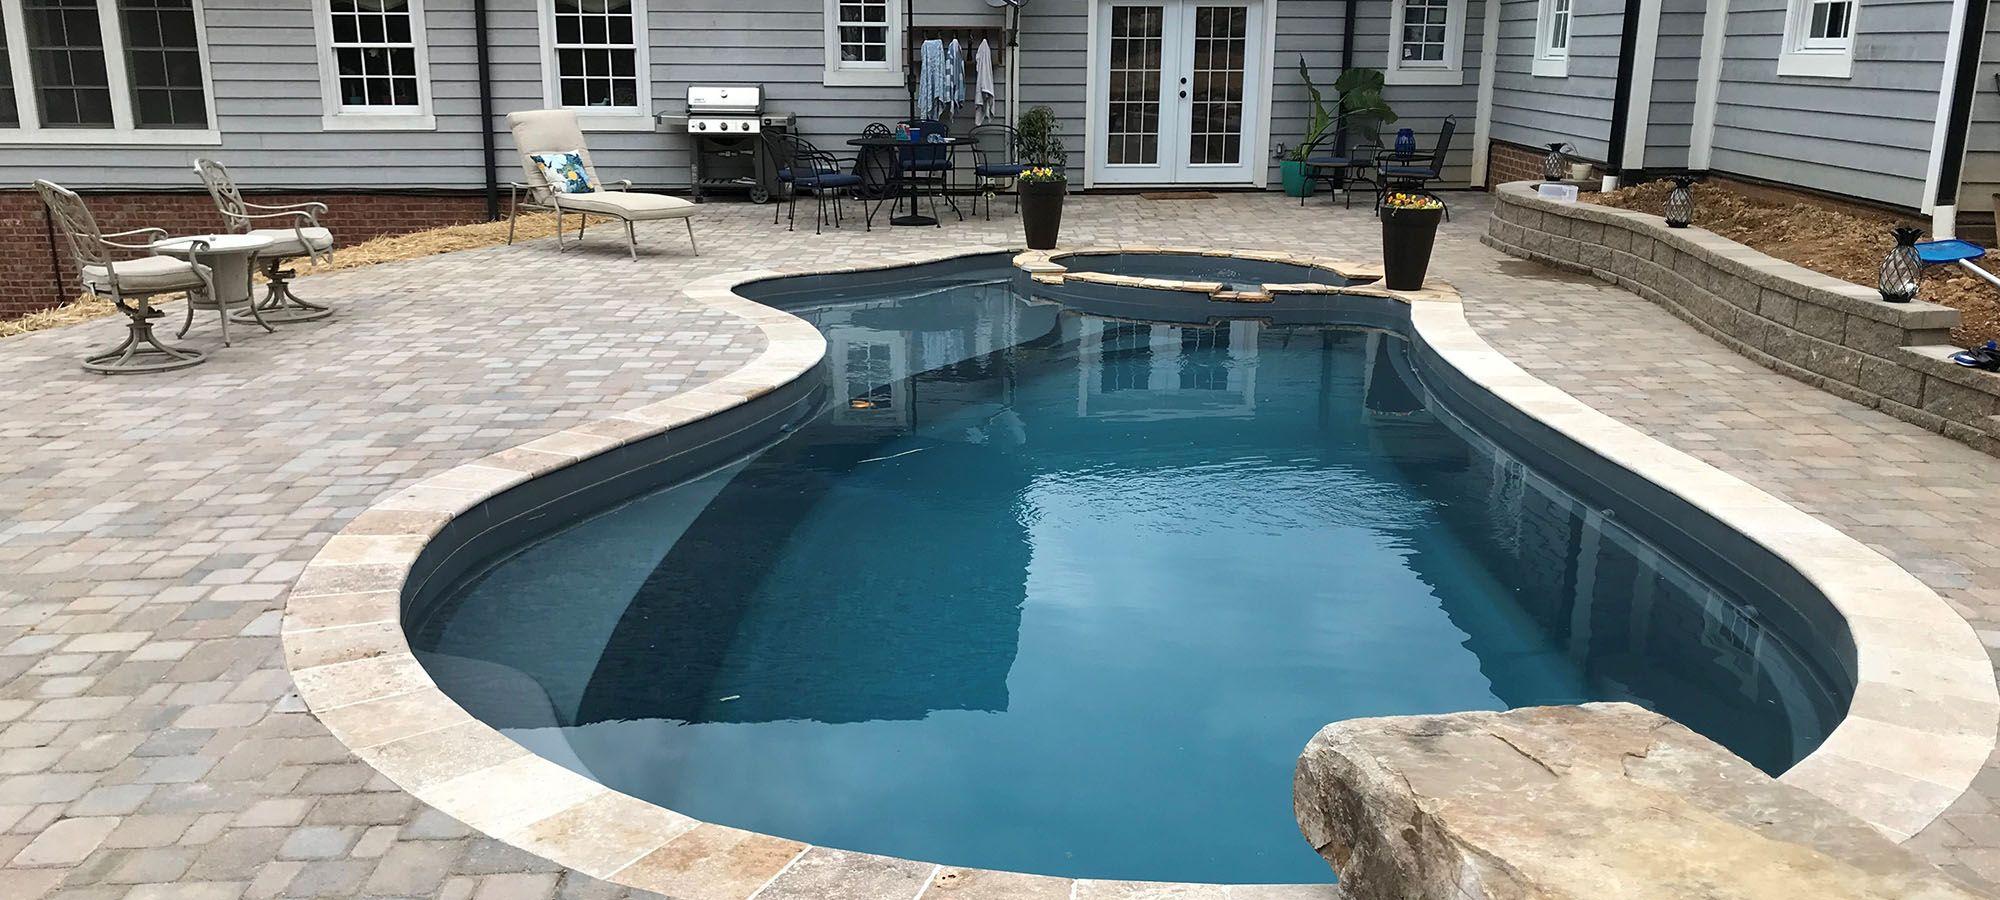 Brilliant Pool Designs